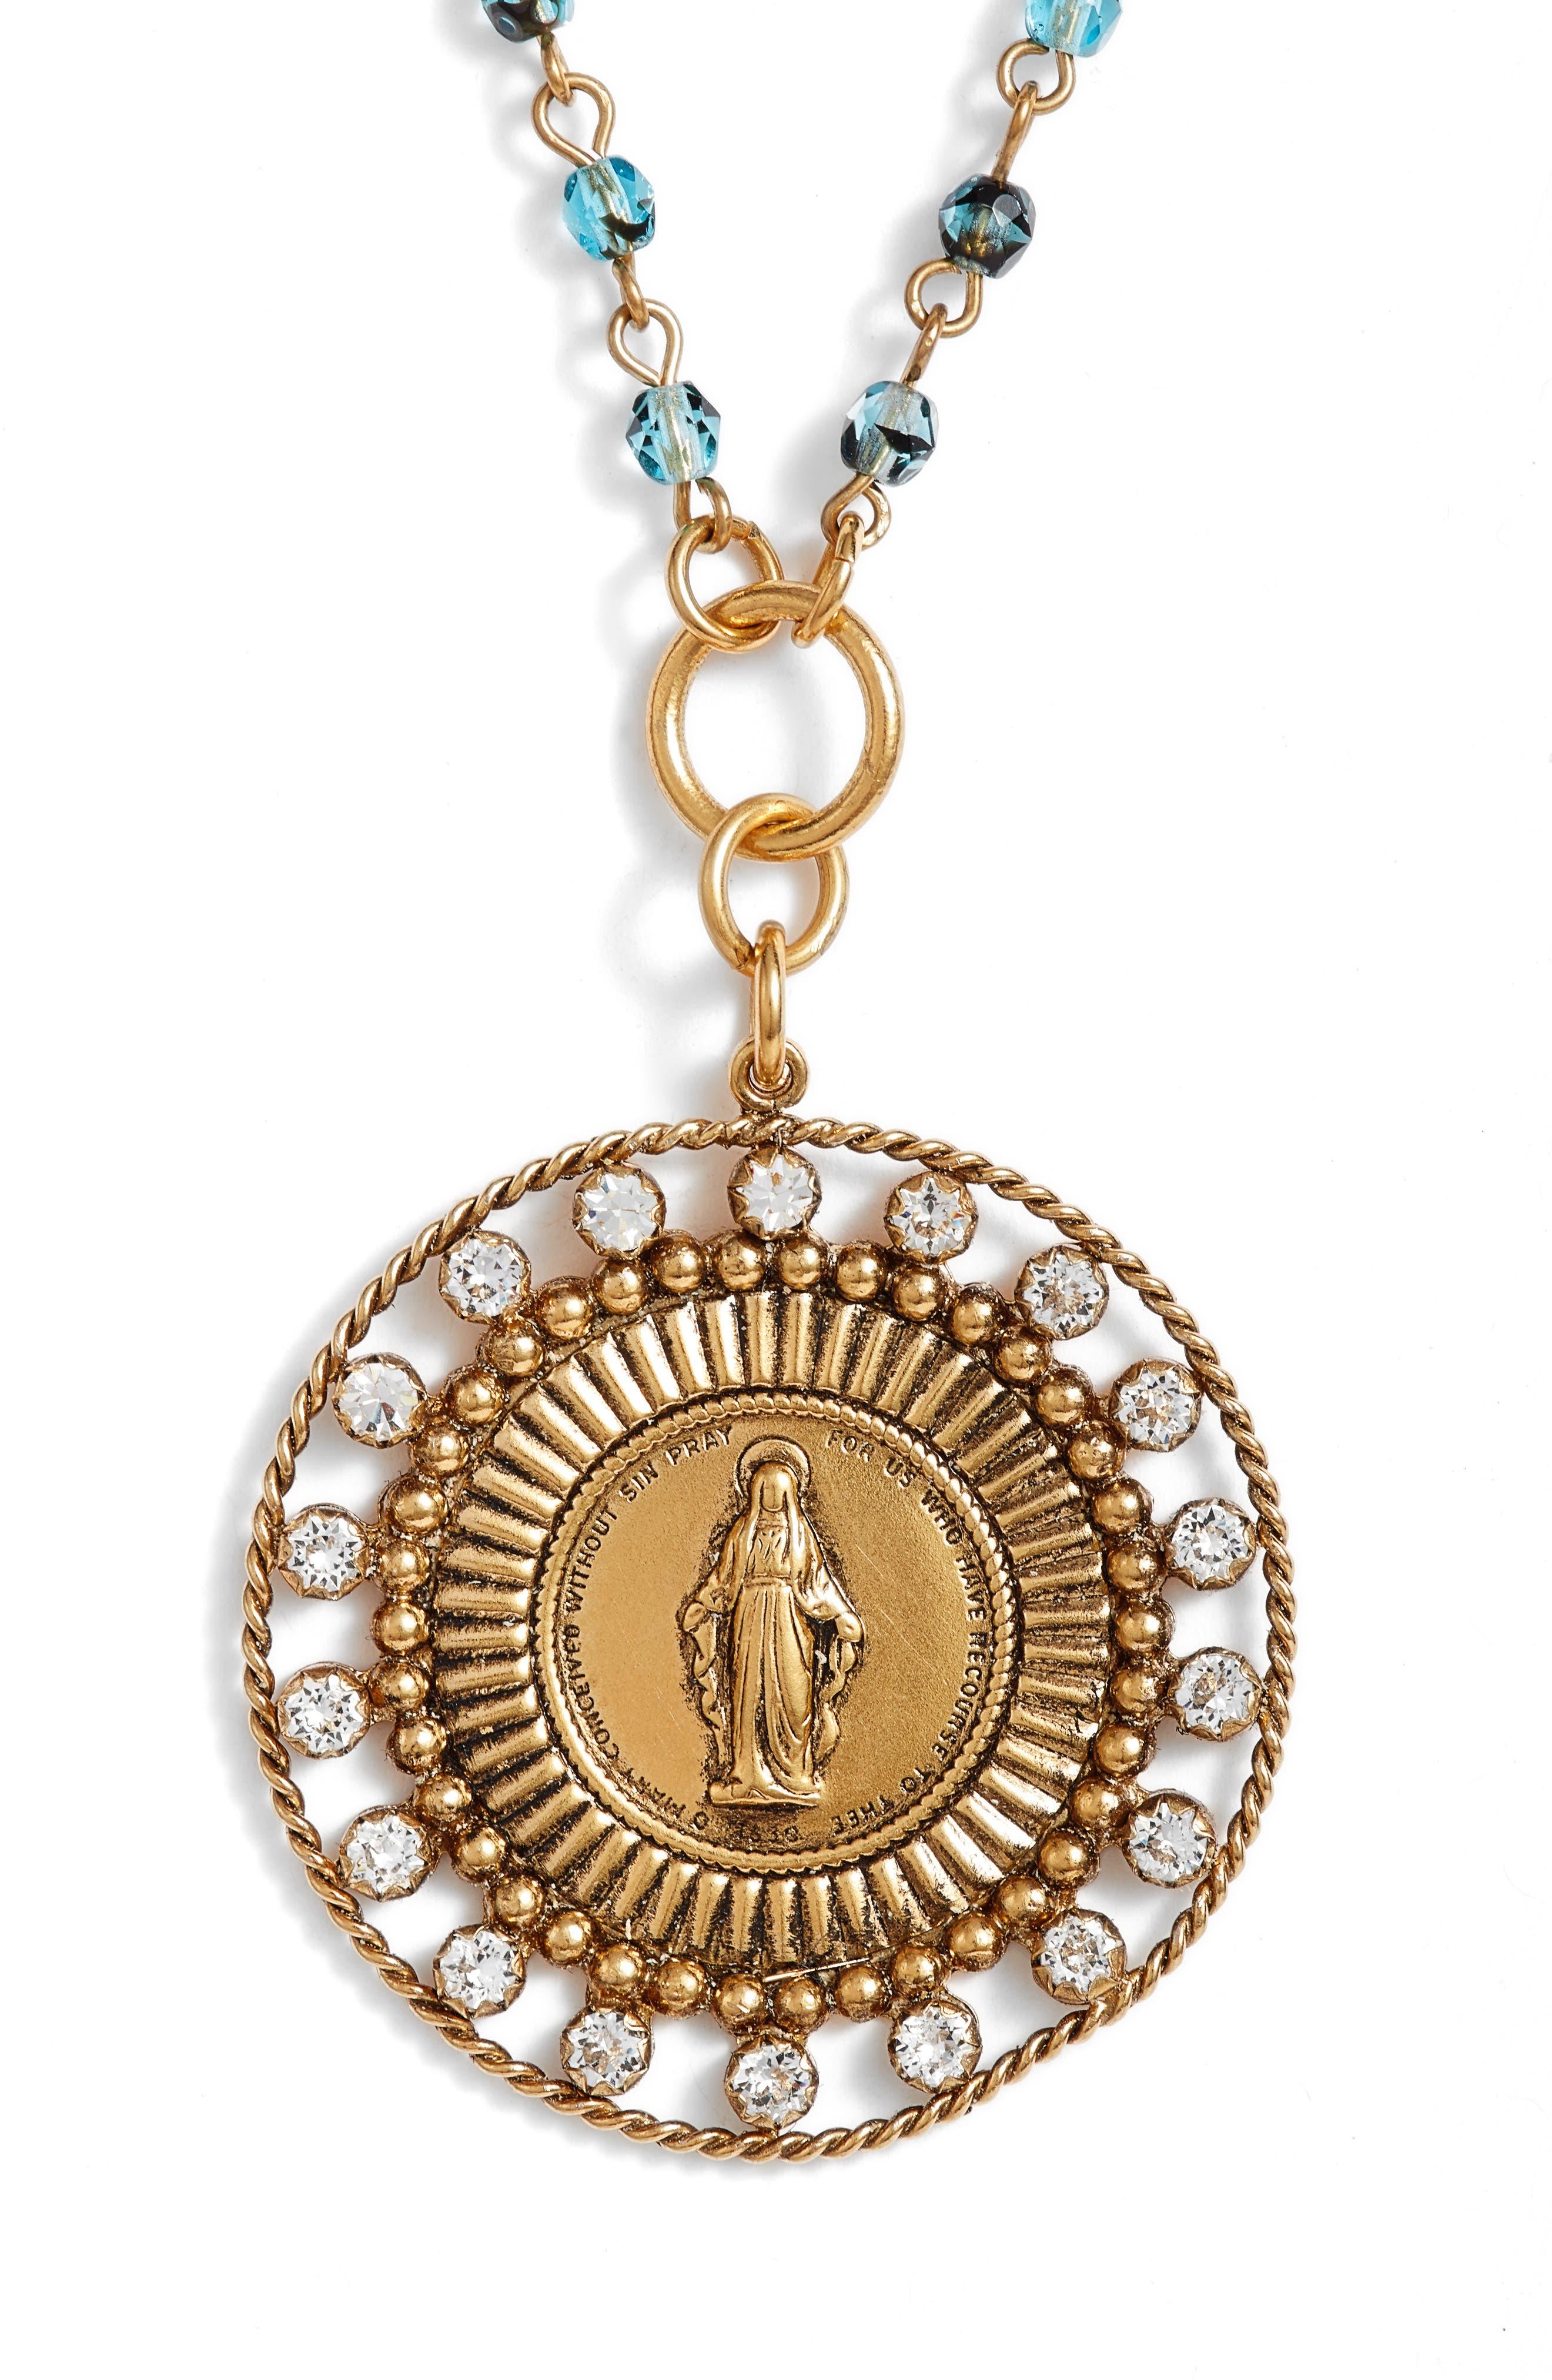 Fobbed Virgin Pendant Necklace,                             Alternate thumbnail 2, color,                             BLUE TORTOISE/ GOLD